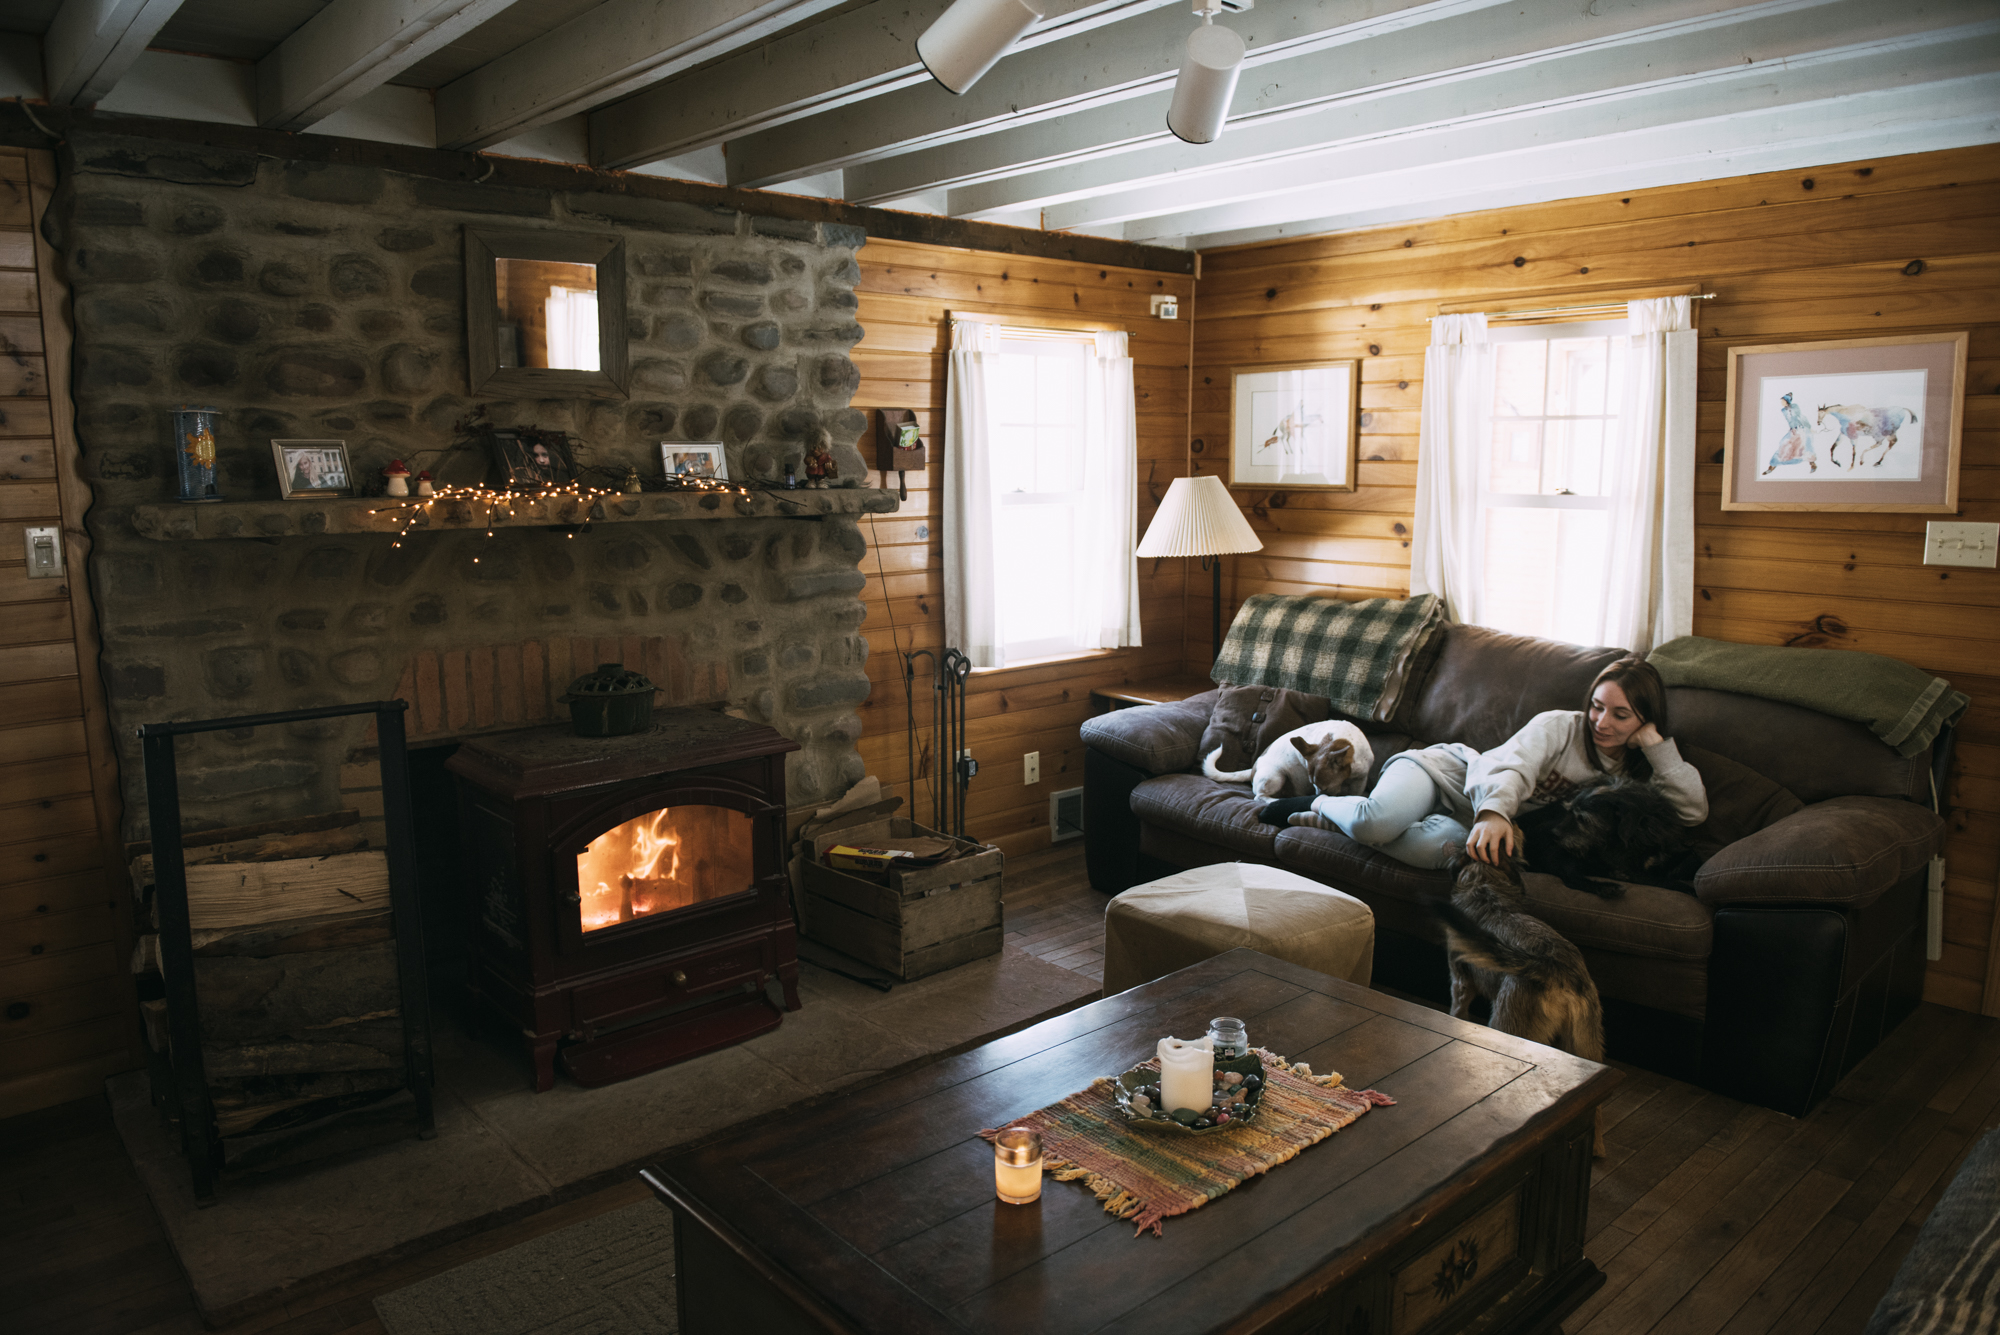 Black Bear cabin rental at Wellnesste Lodge in NY